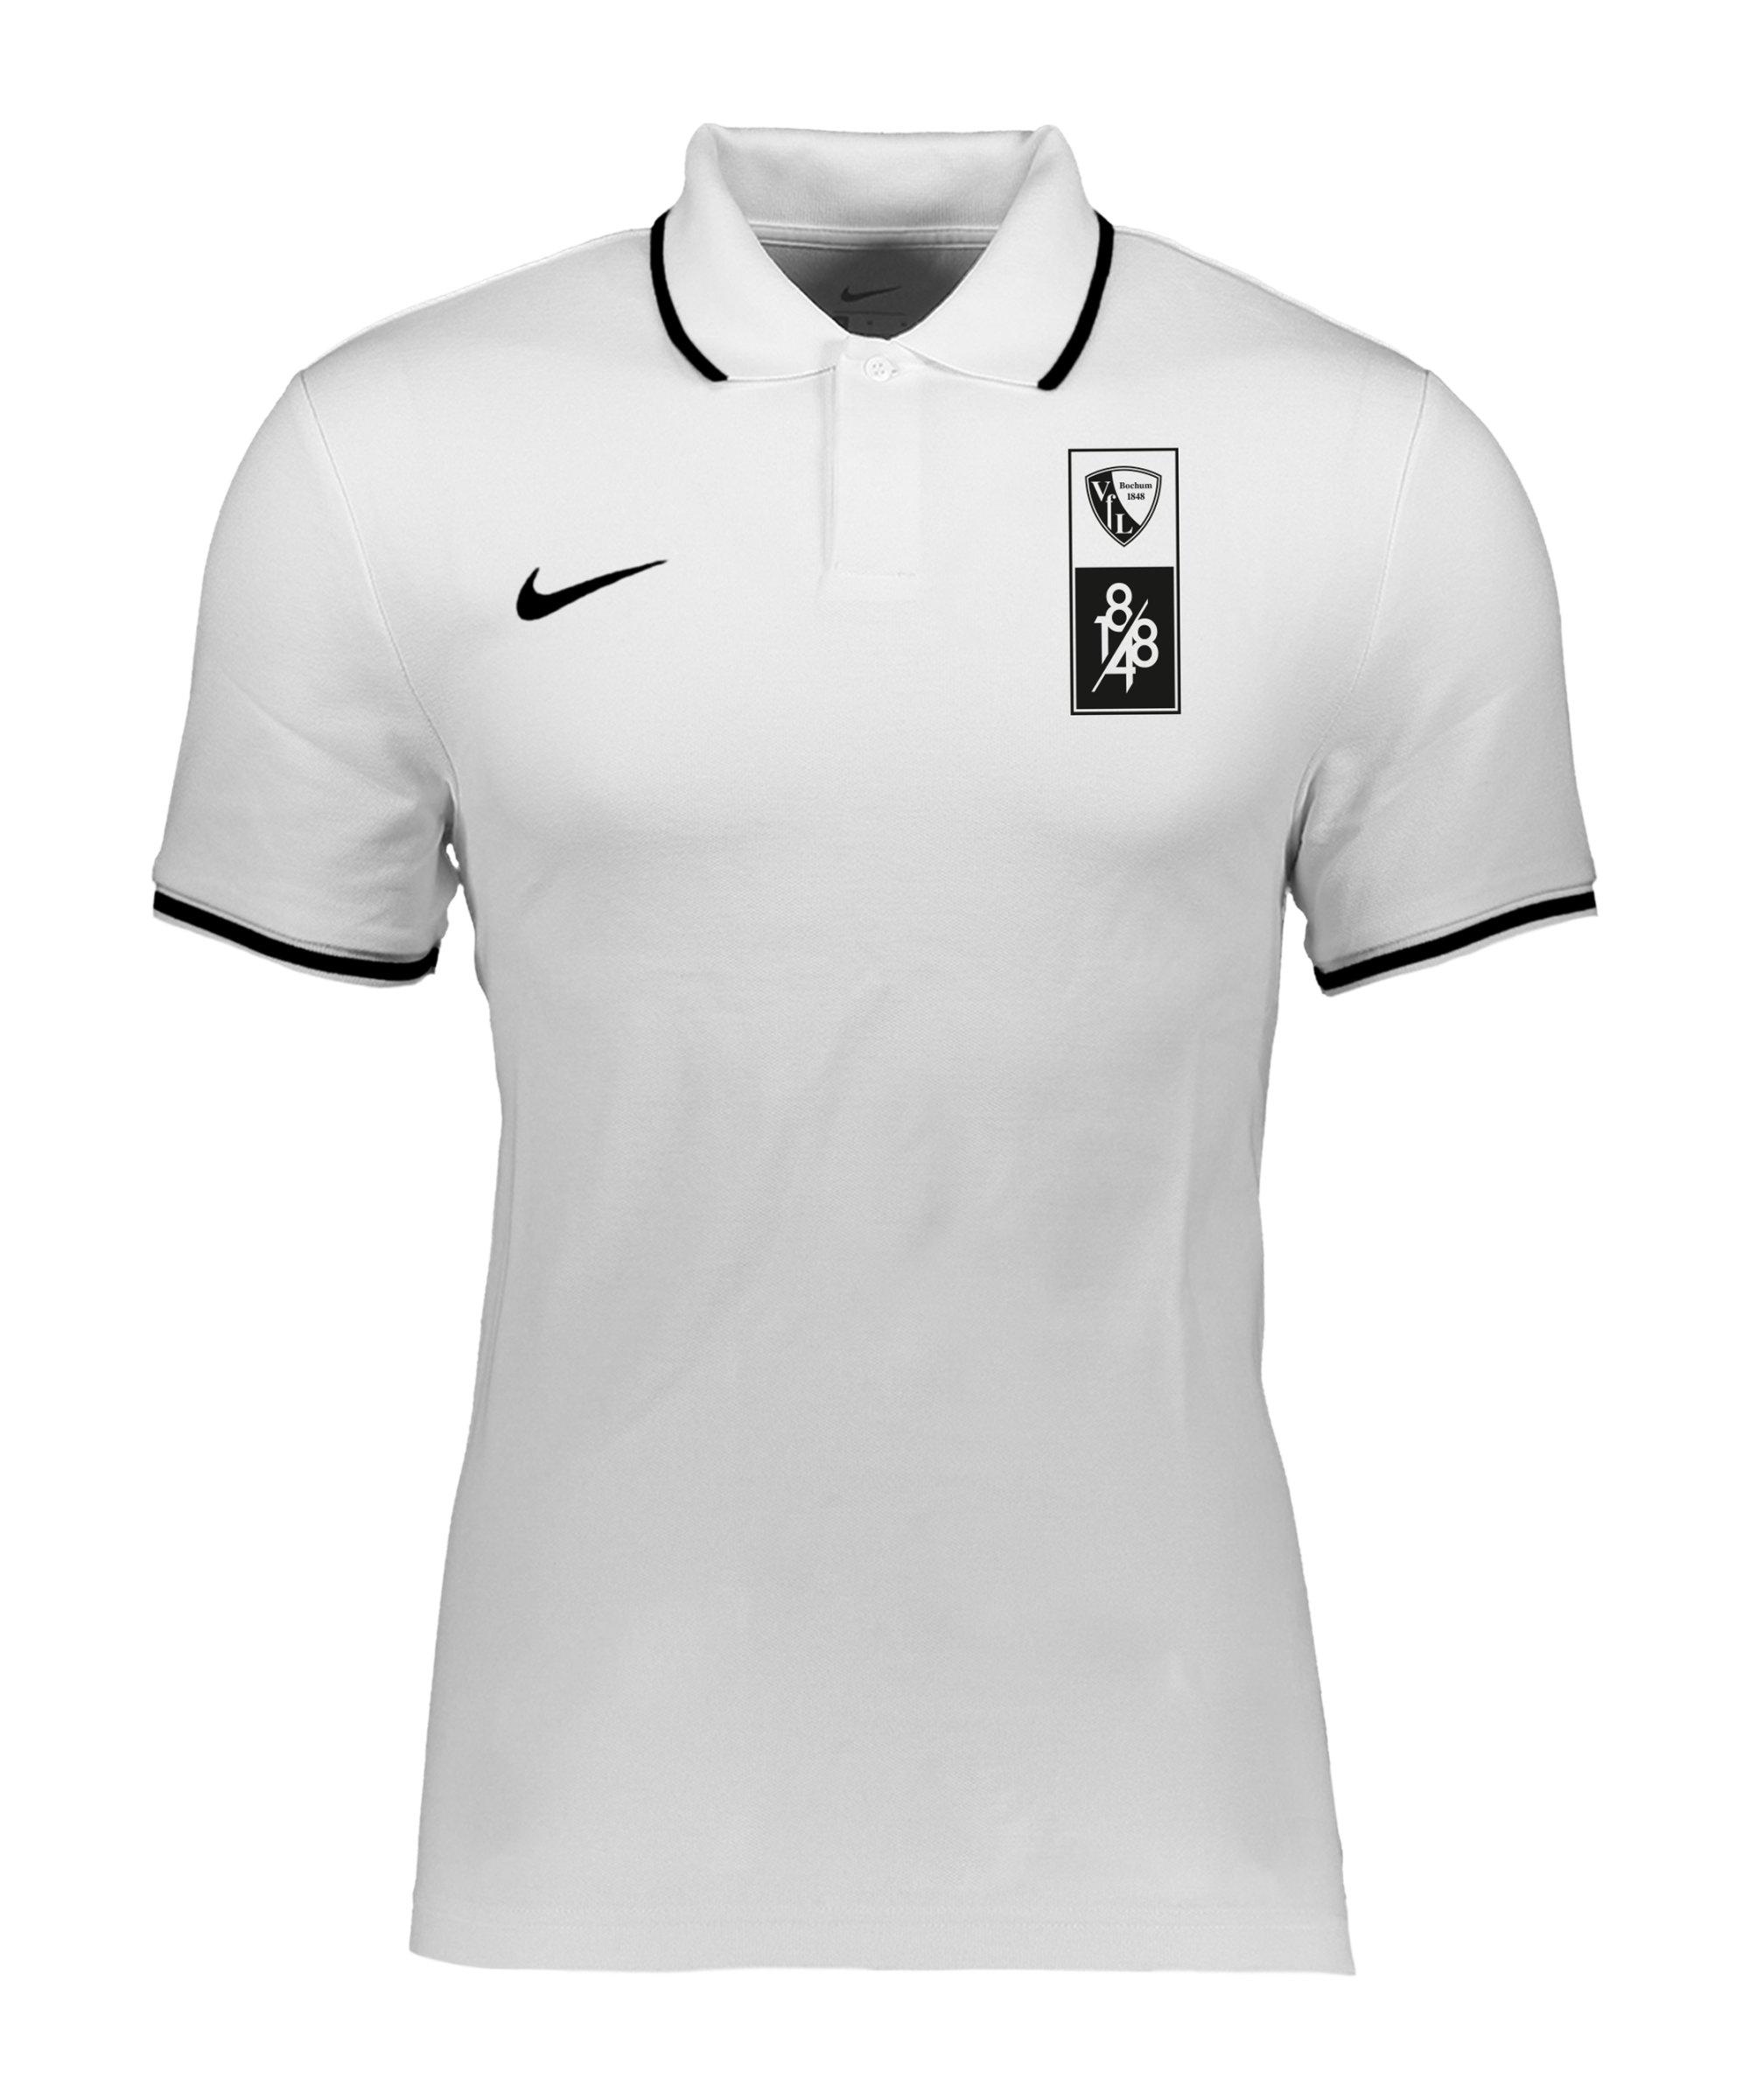 Nike VfL Bochum Poloshirt Kids Weiss F100 - weiss